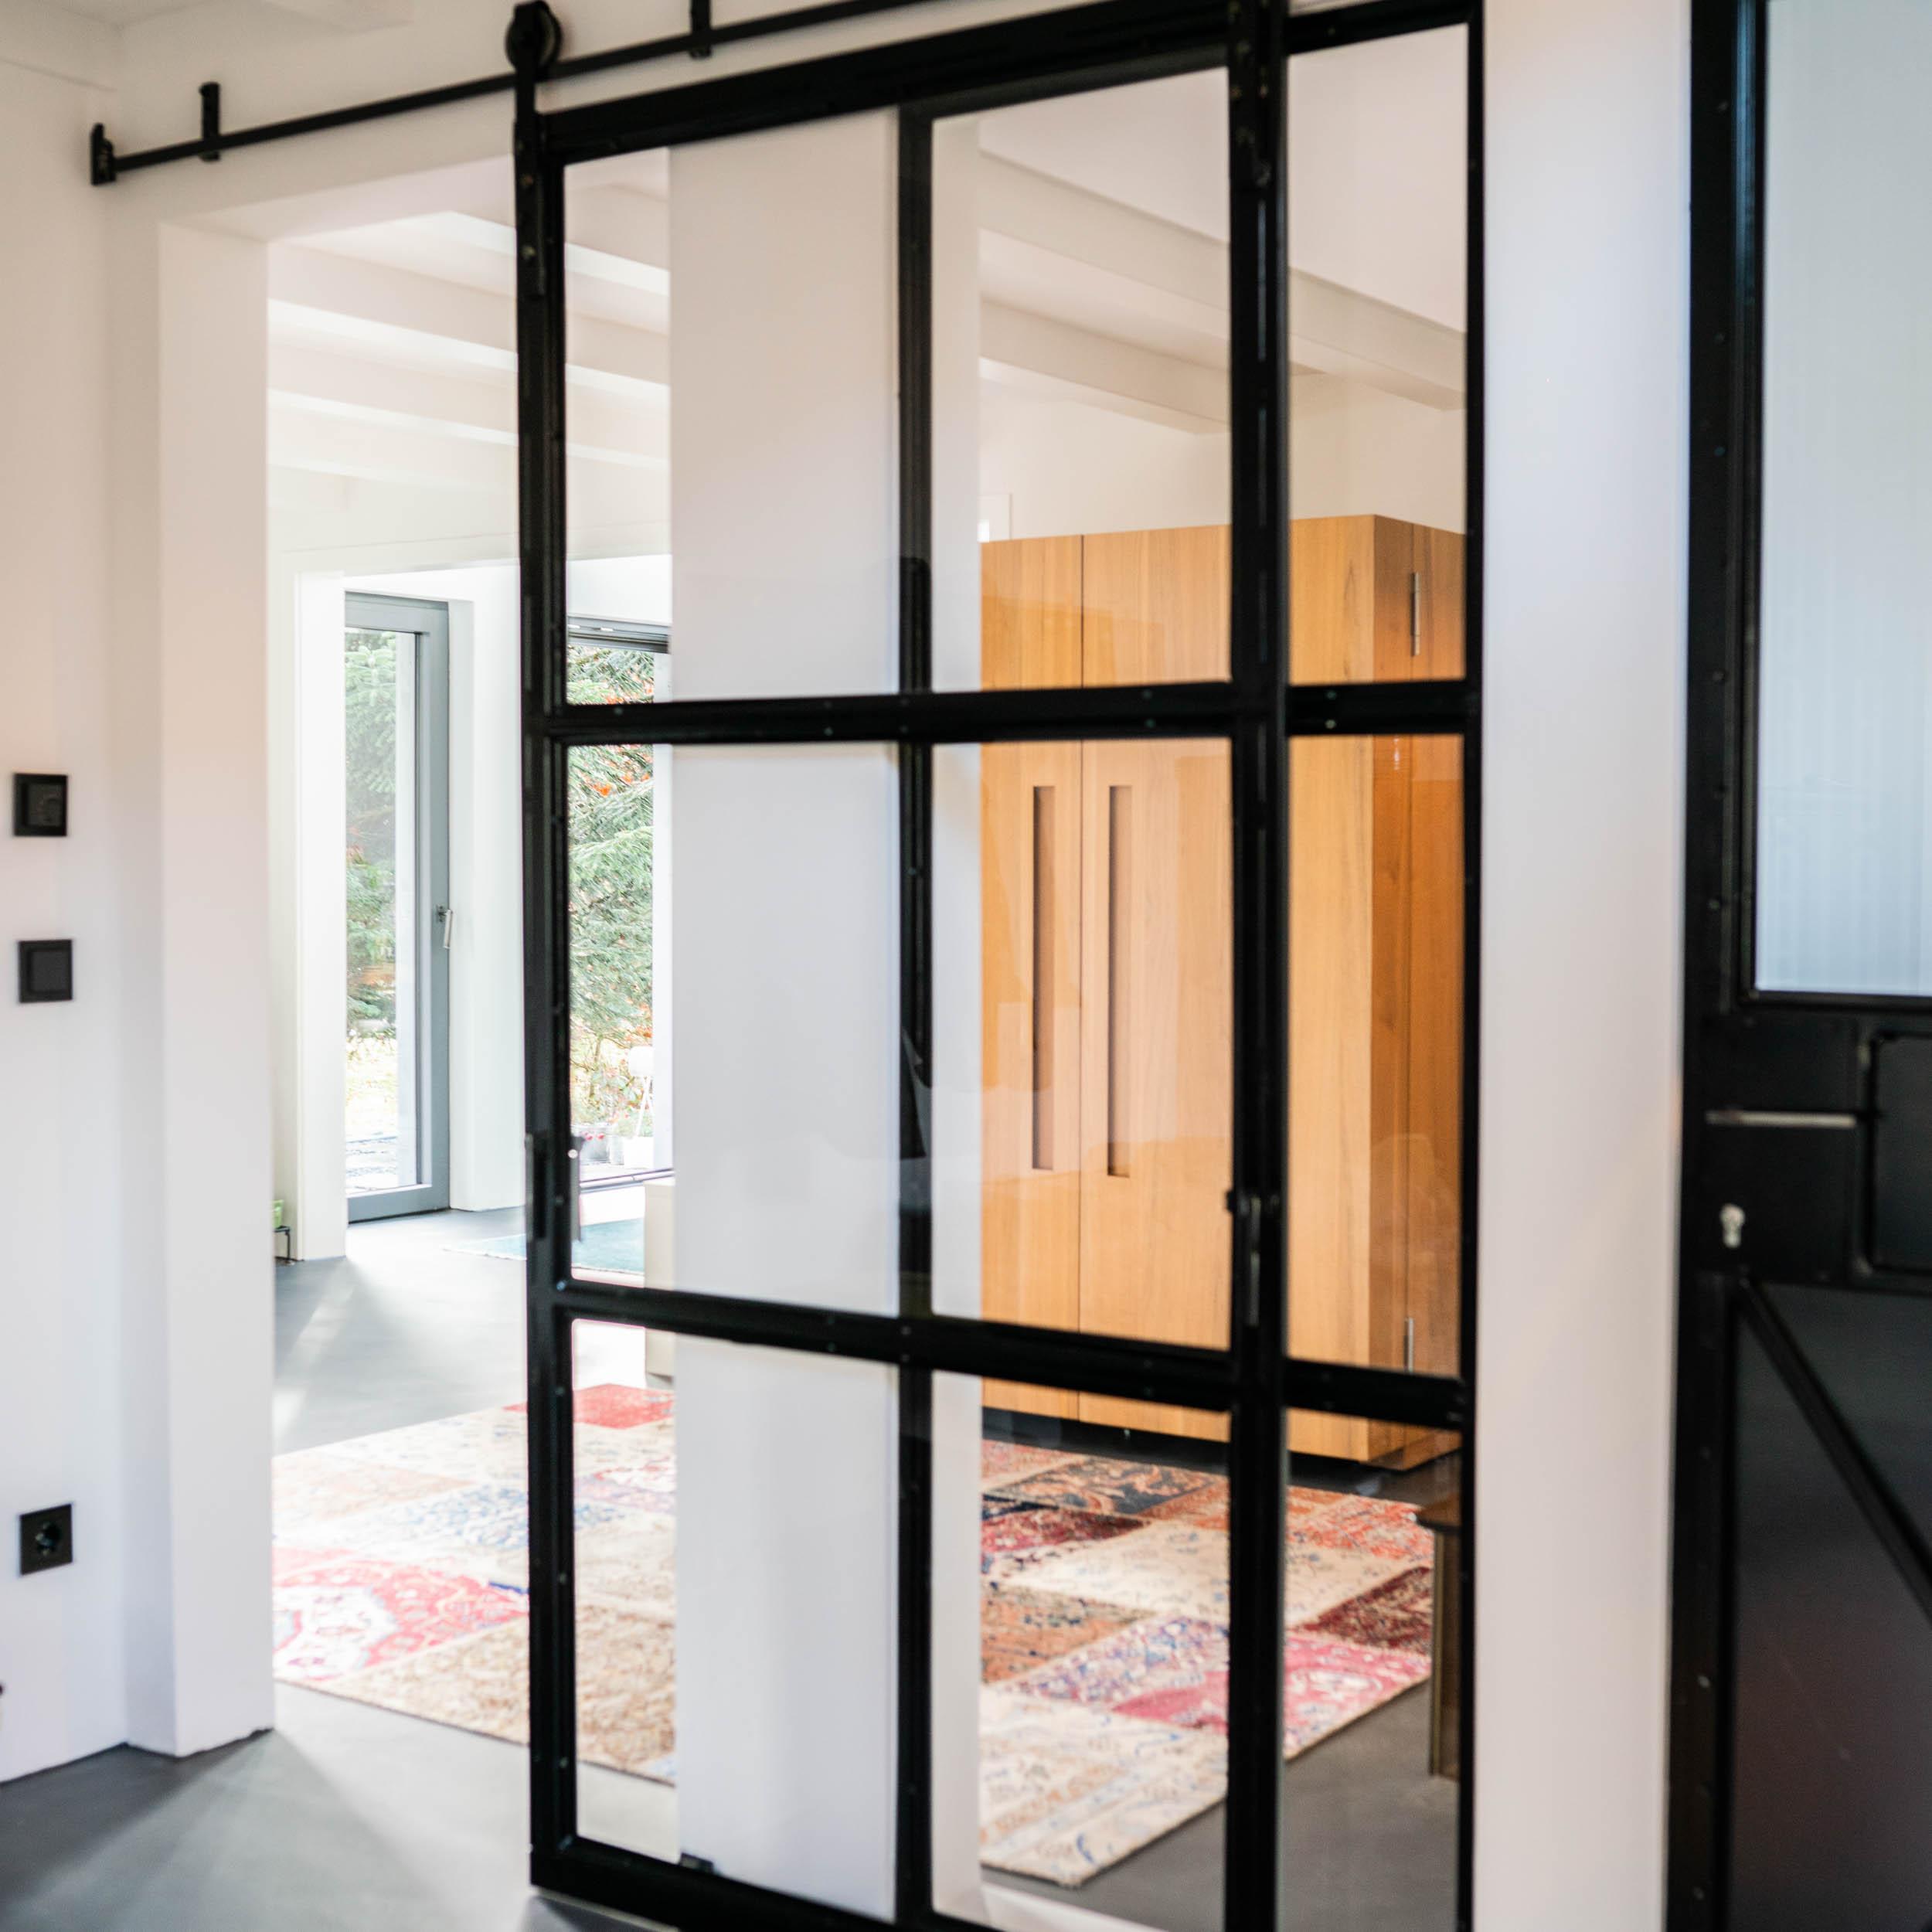 Industrial Interior - Schiebetür, Metallfenster und Raumteiler